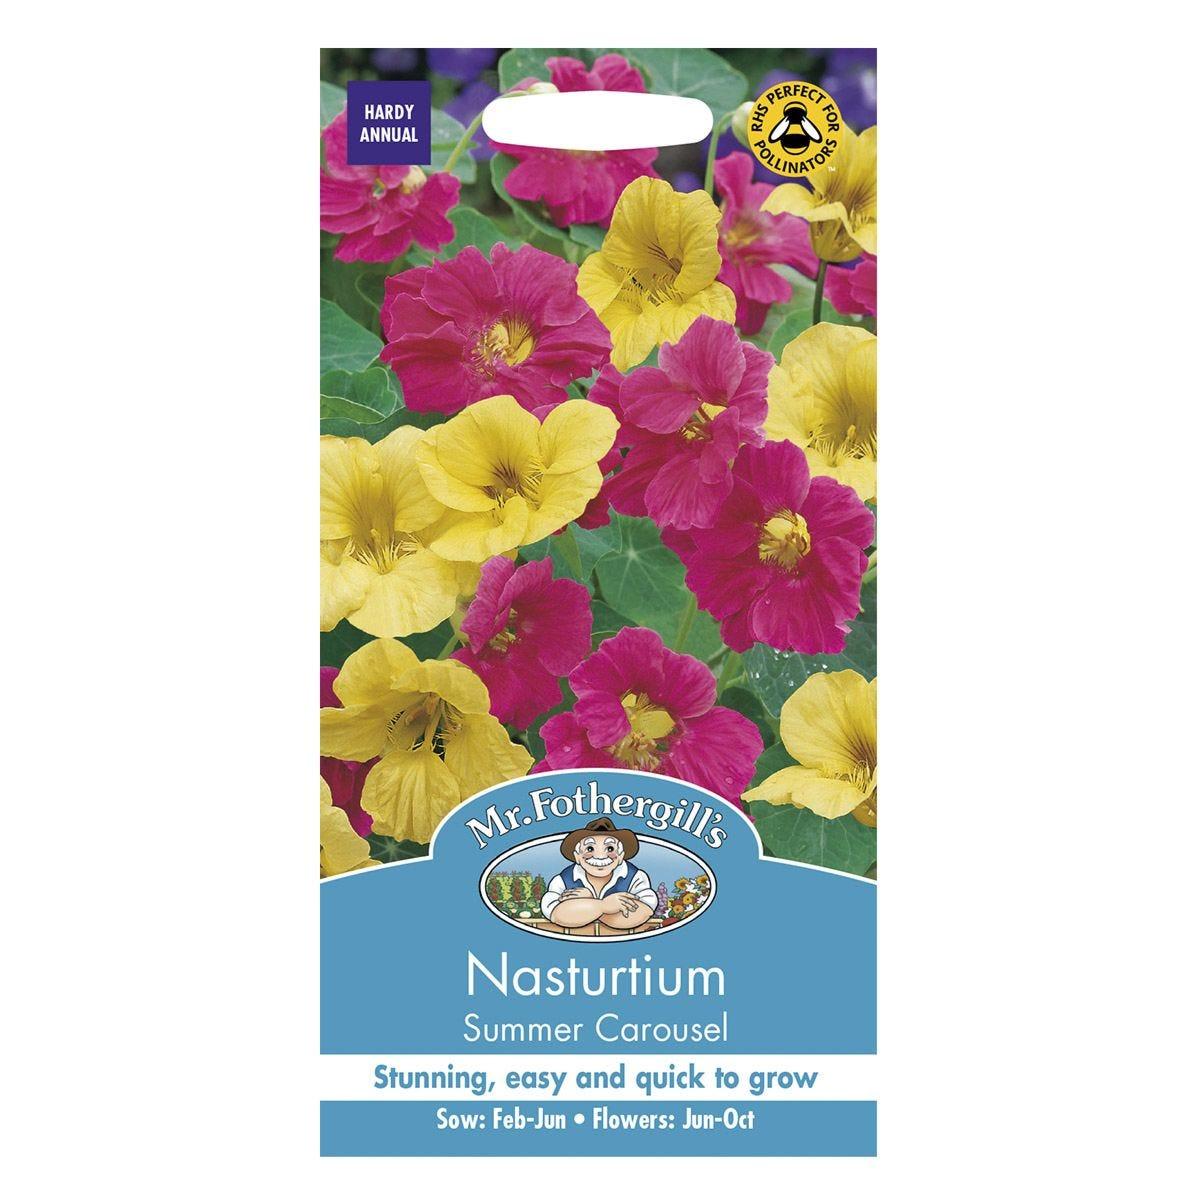 Mr Fothergill's Nasturtium Summer Carousel Seeds